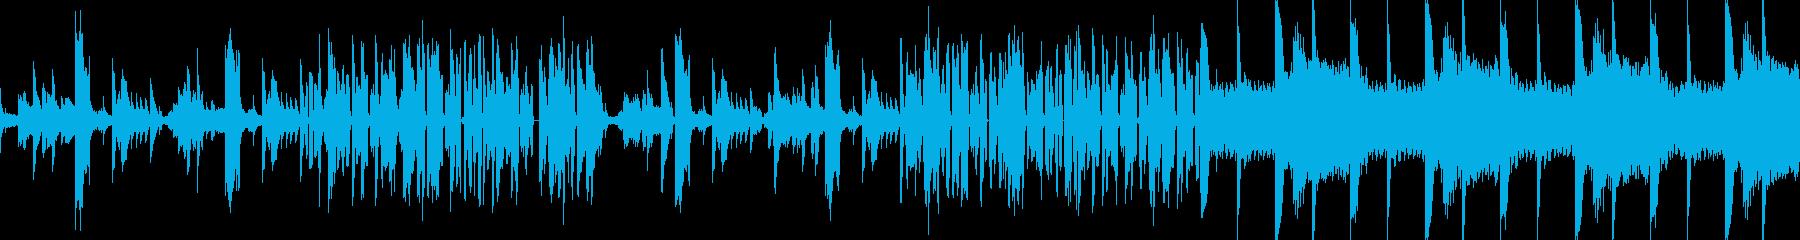 テクノ調シンセジングルの再生済みの波形